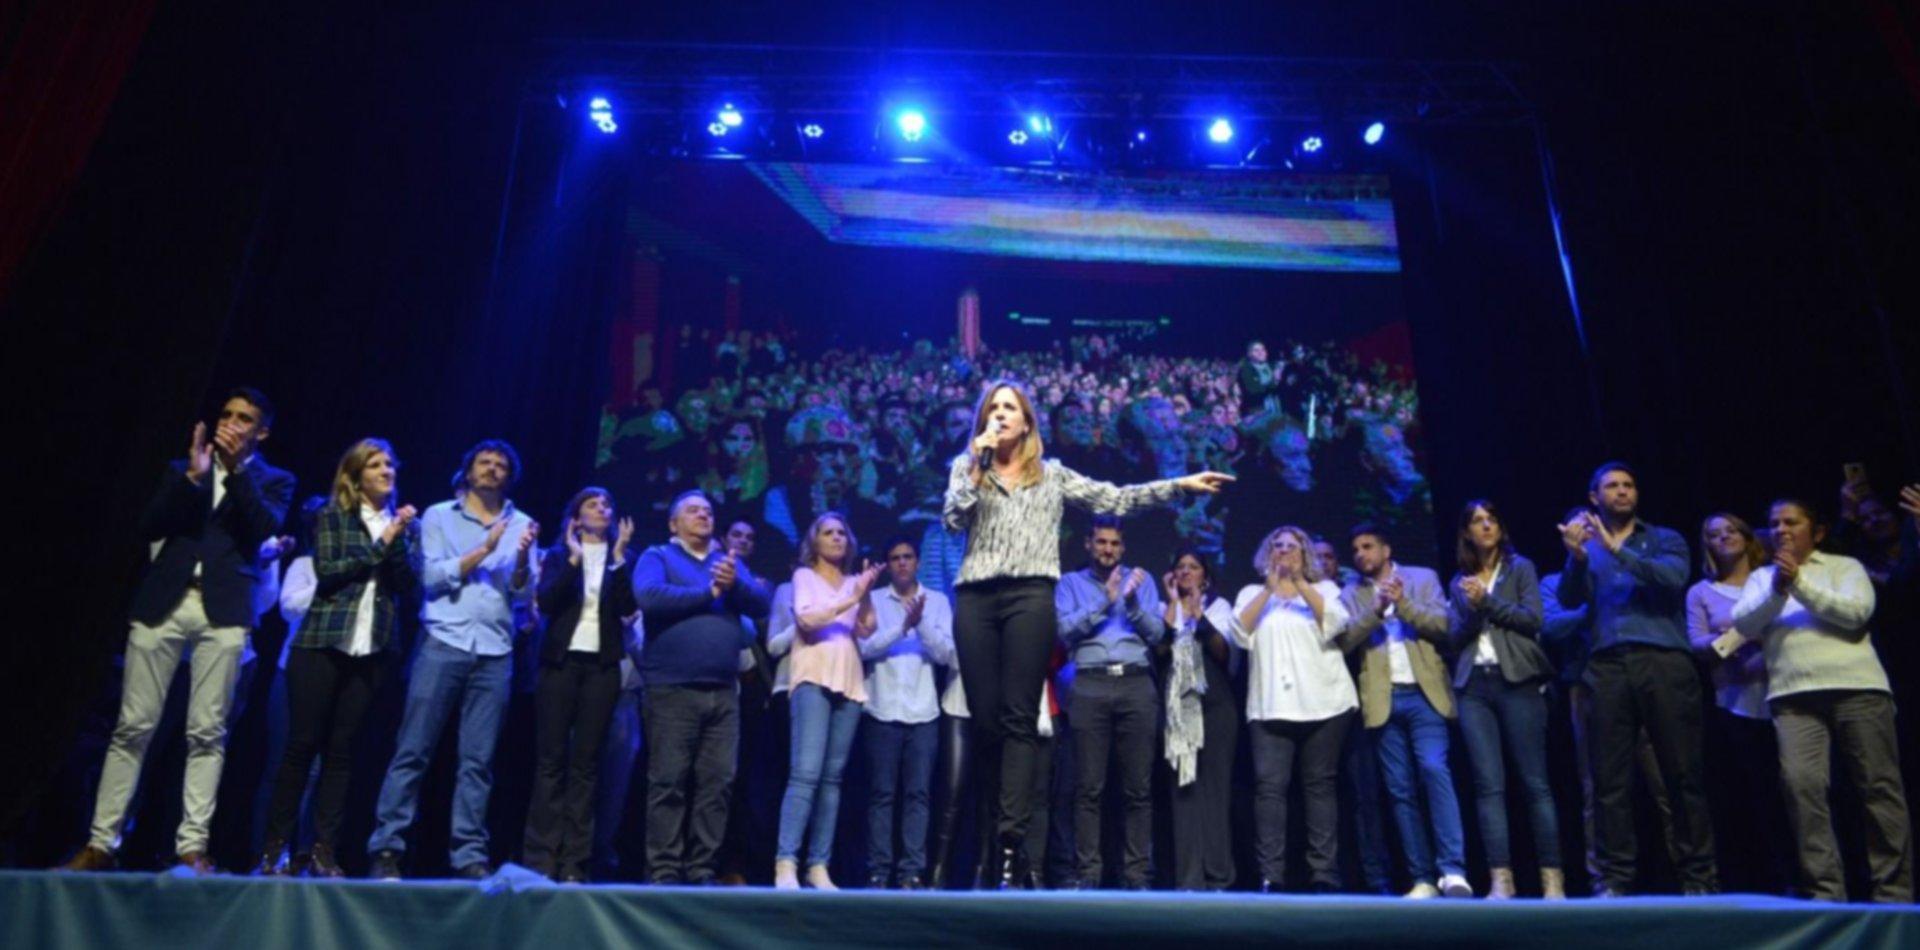 Uno por uno, los concejales y consejeros que acompañan a Victoria Tolosa Paz